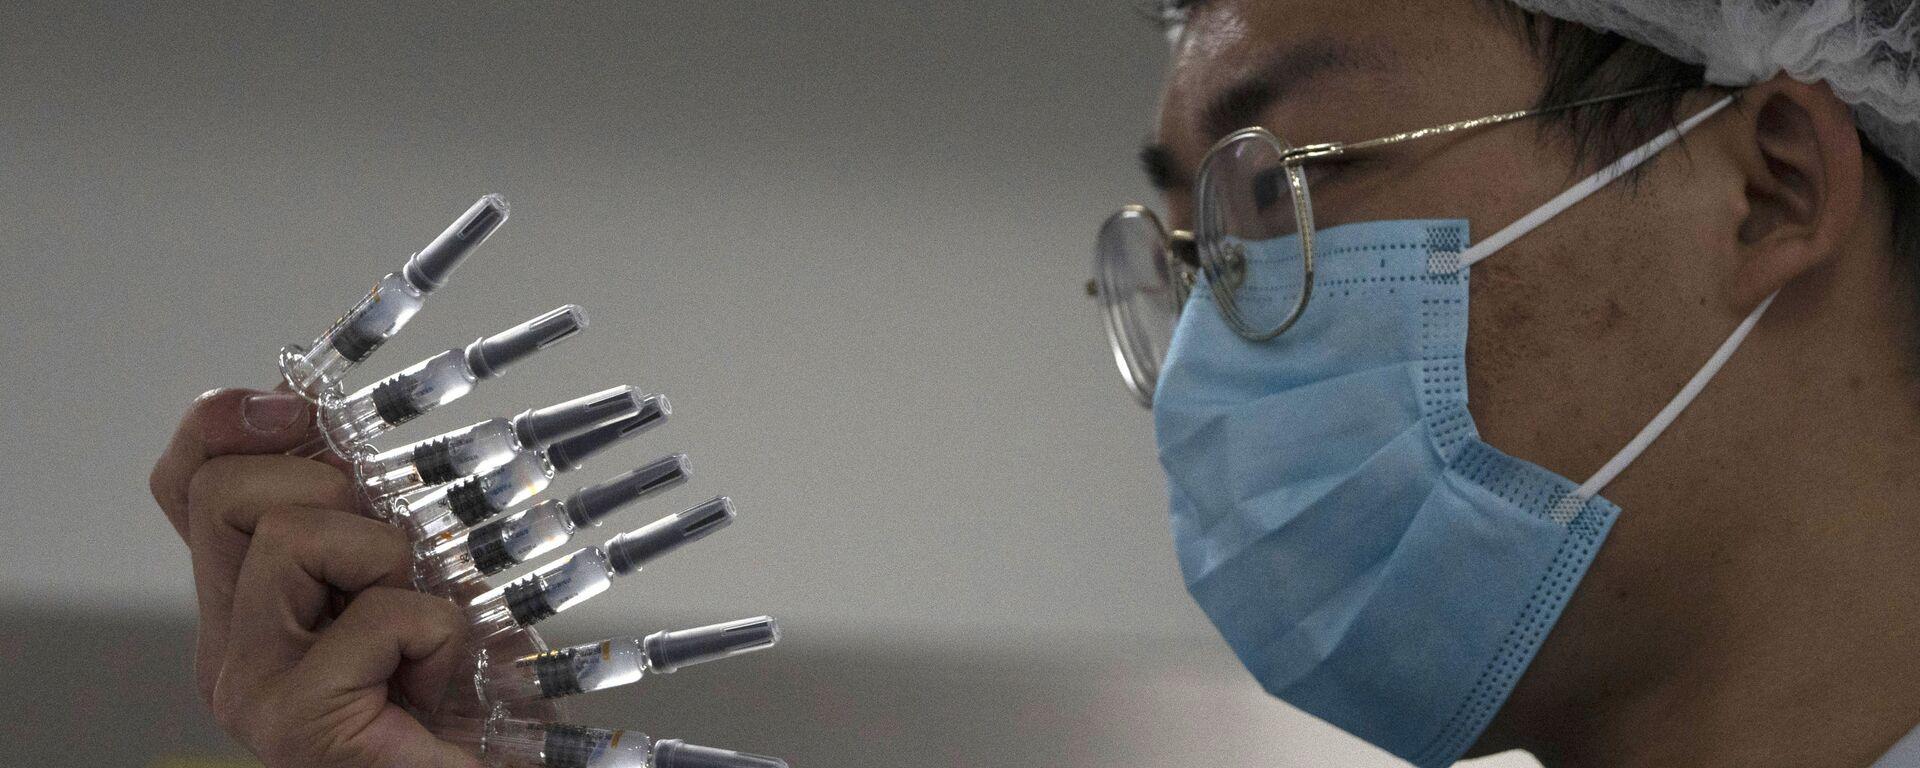 Pracownik kontroluje strzykawki zawierające szczepionkę przeciwko SARS-CoV-2 w fabryce w Pekinie - Sputnik Polska, 1920, 17.07.2021